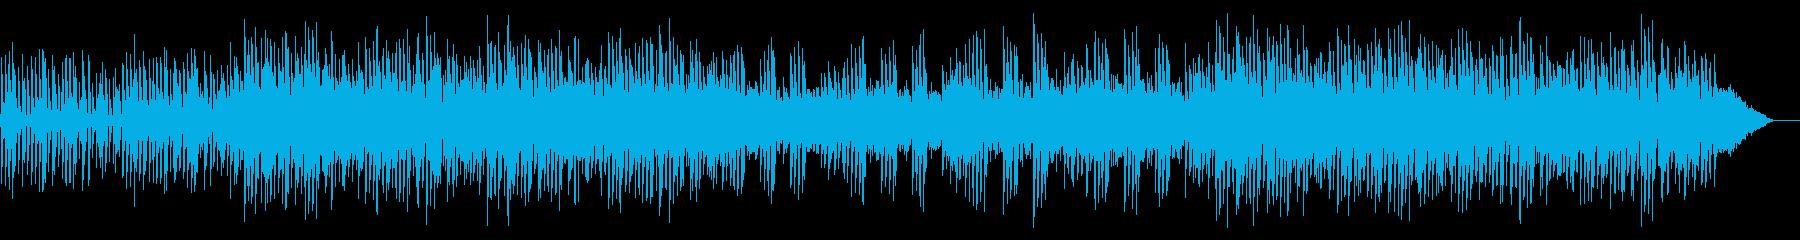 温かいピアノでほのぼの爽やかの再生済みの波形